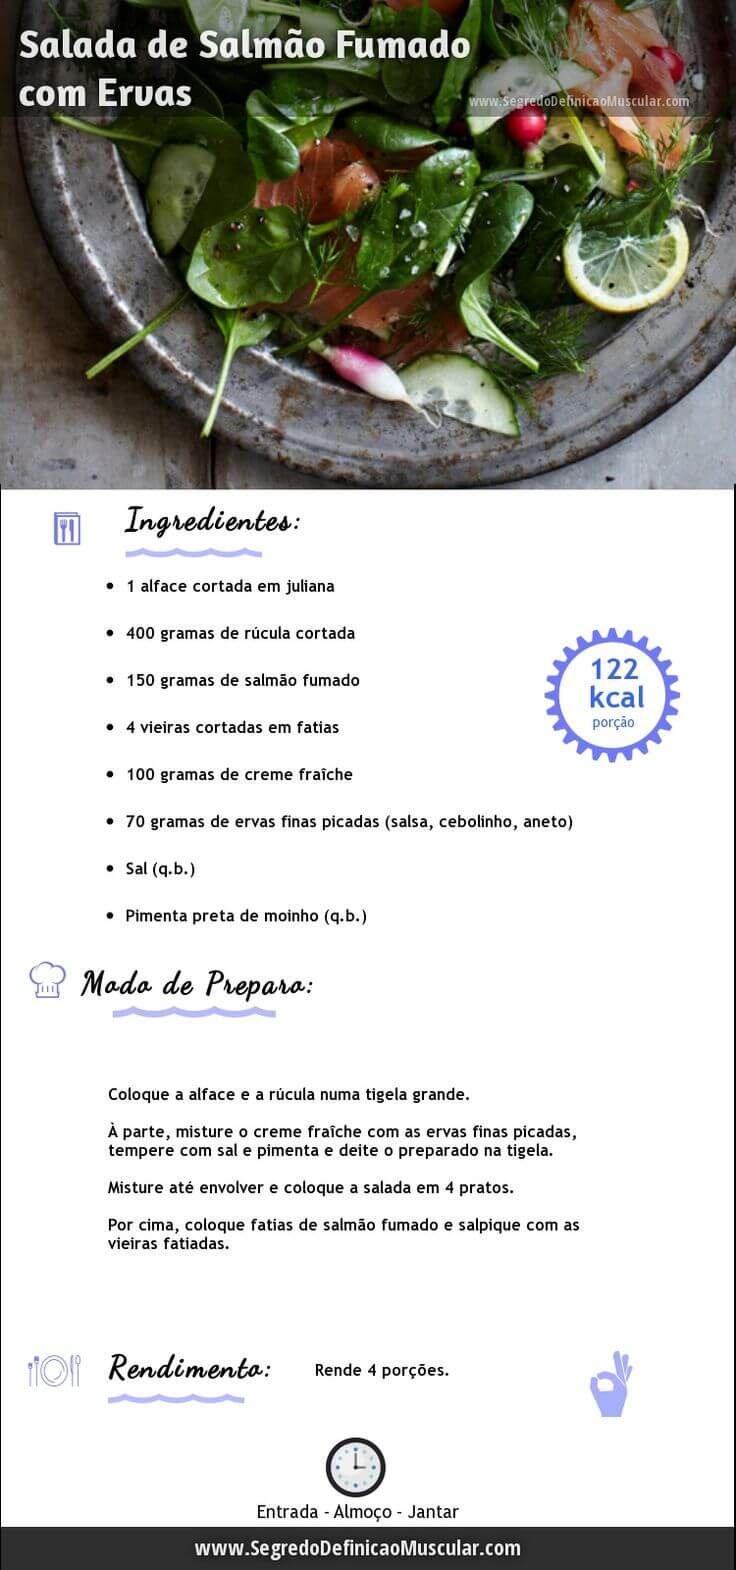 Receita De Salmão Fumado Com Rúcula → http://www.segredodefinicaomuscular.com/receita-de-salmao-fumado-com-rucula/ #Receita